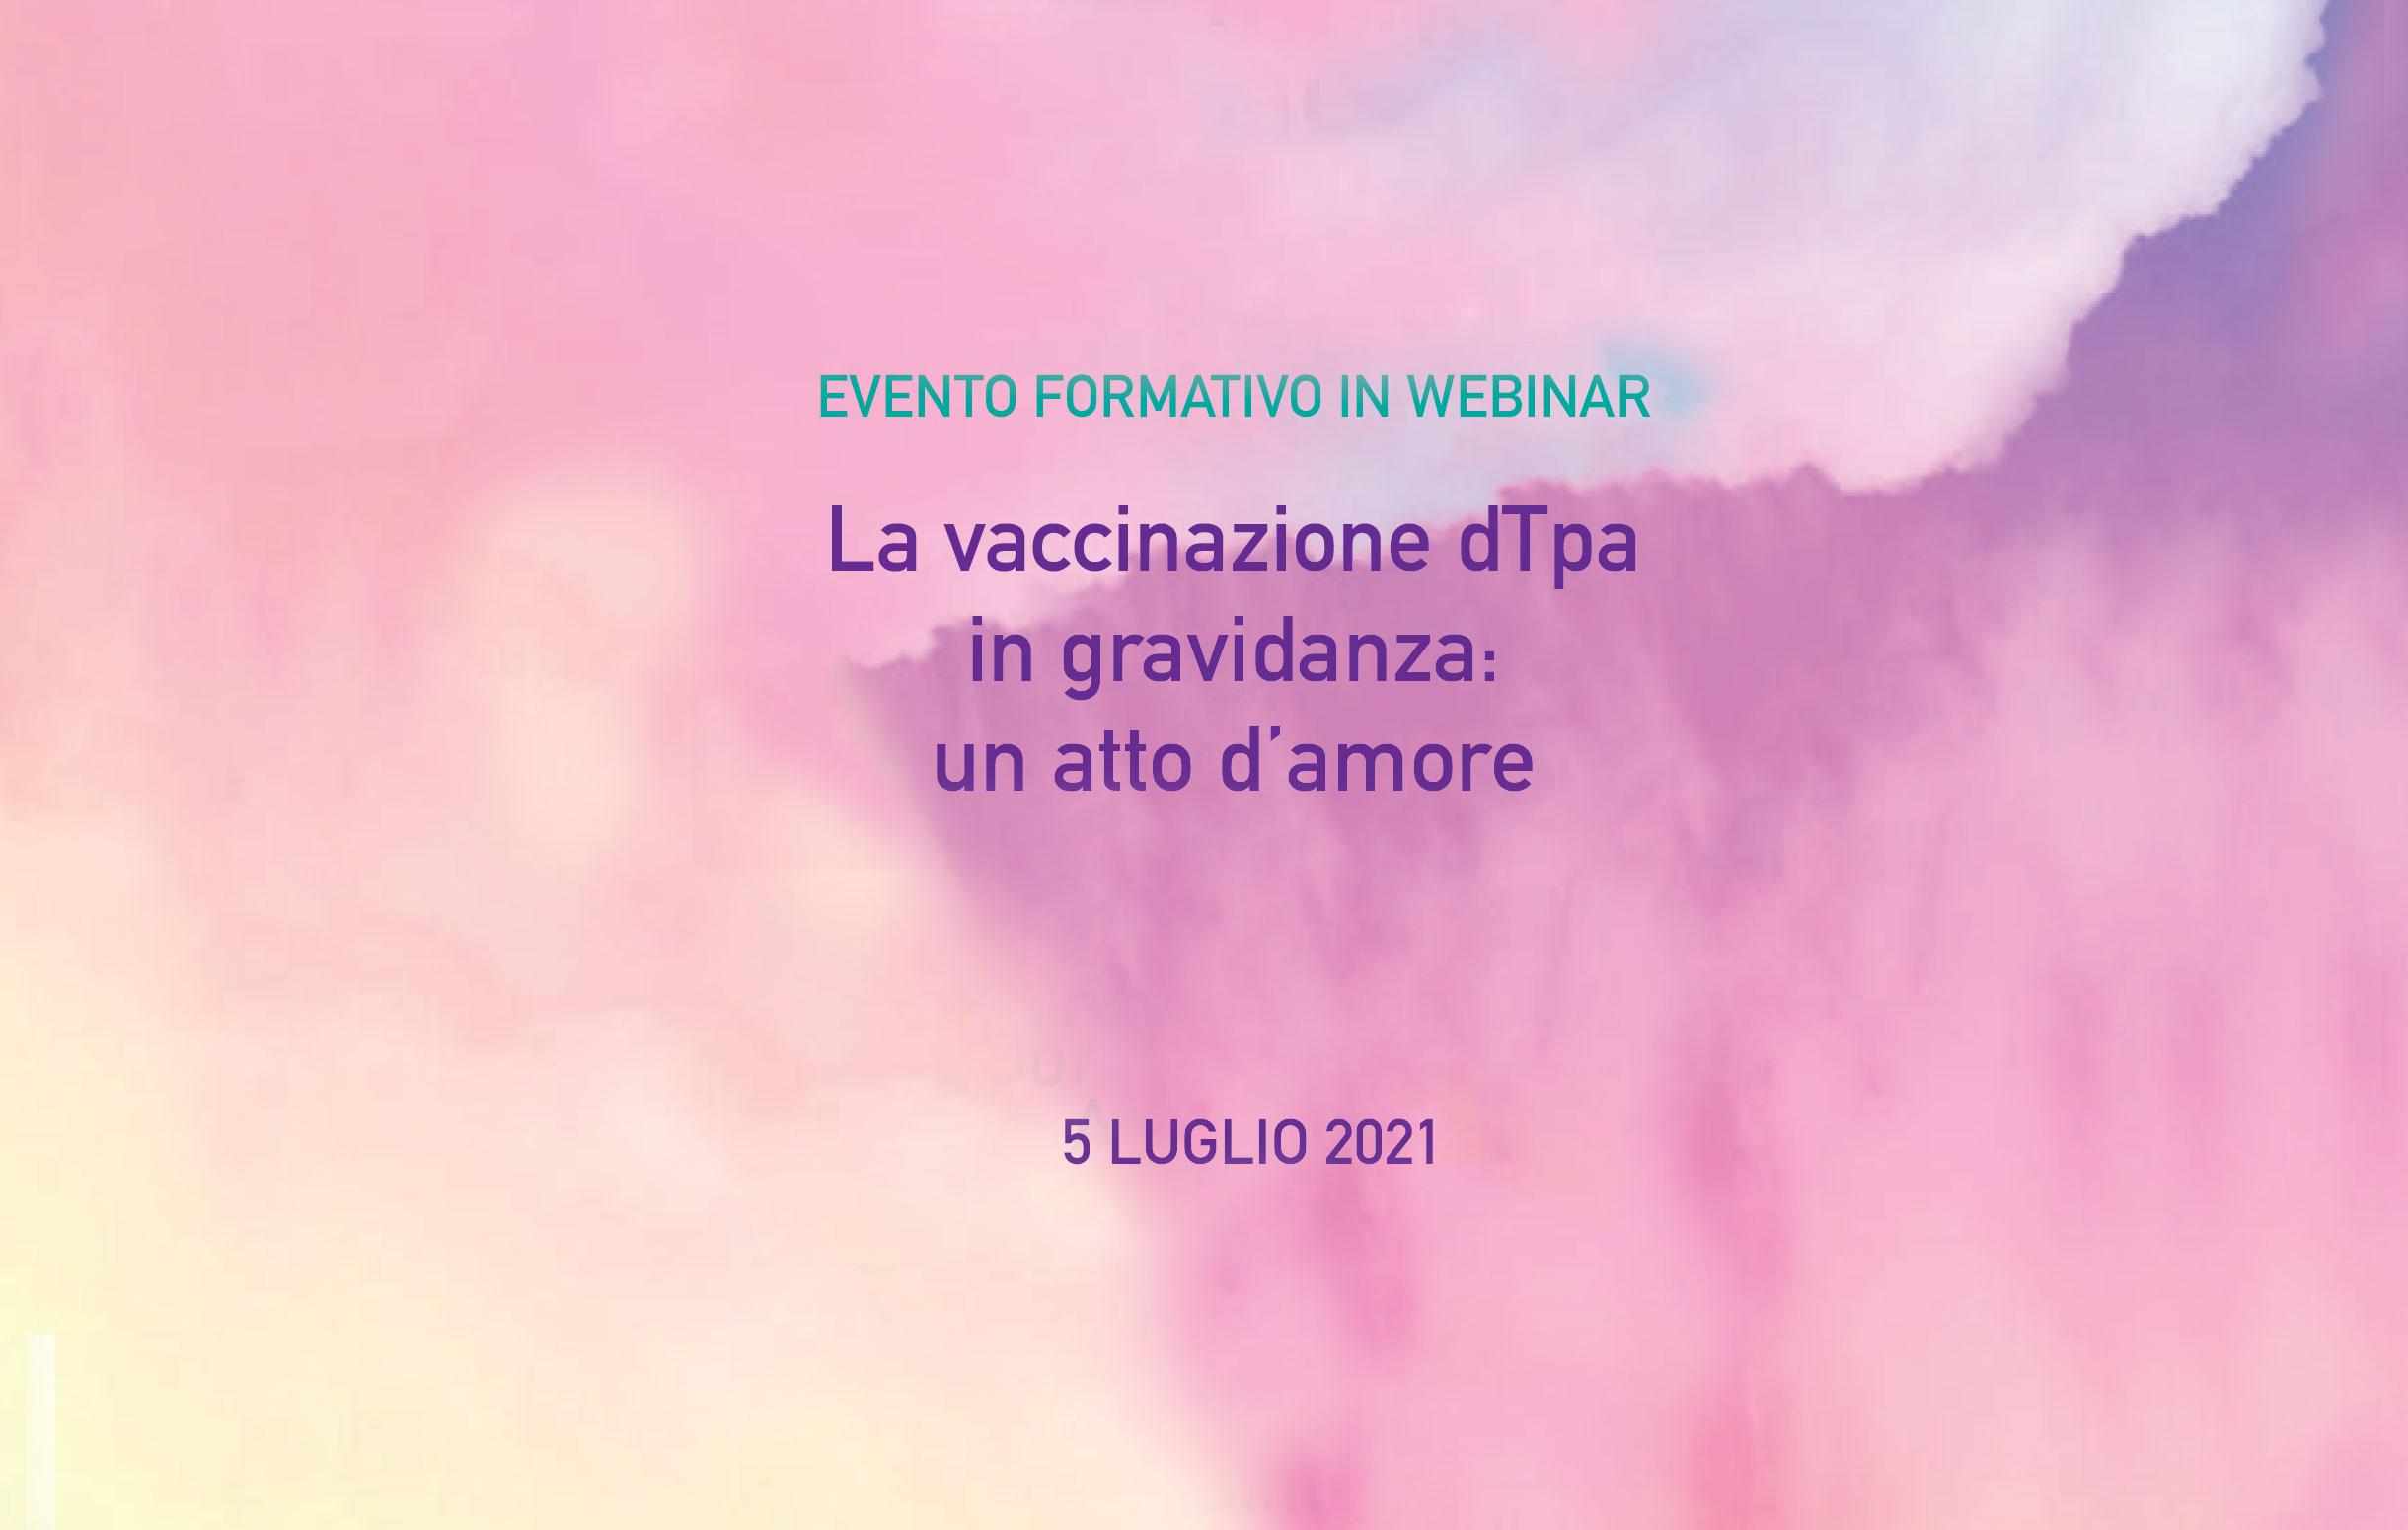 Evento Formativo in Webinar – La vaccinazione dTpa in gravidanza: un atto d'amore | 5 Luglio